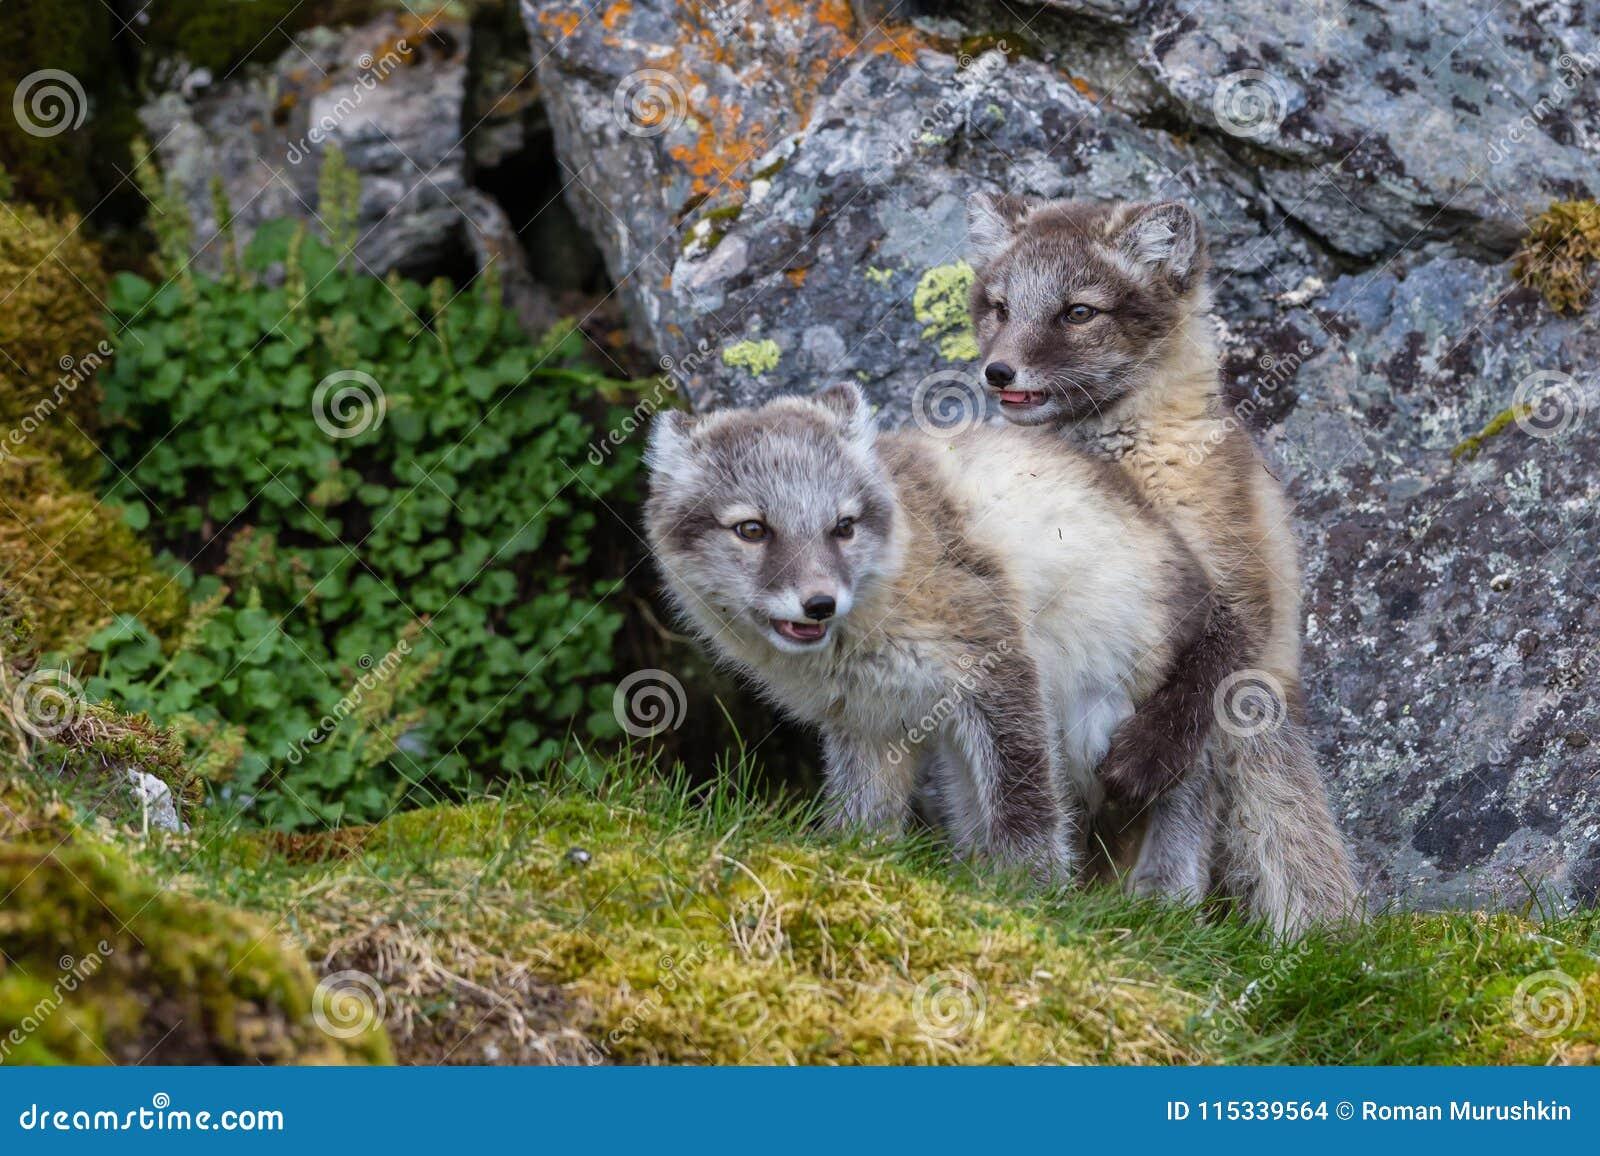 Dos zorros árticos son juego en la hierba verde debajo de la roca